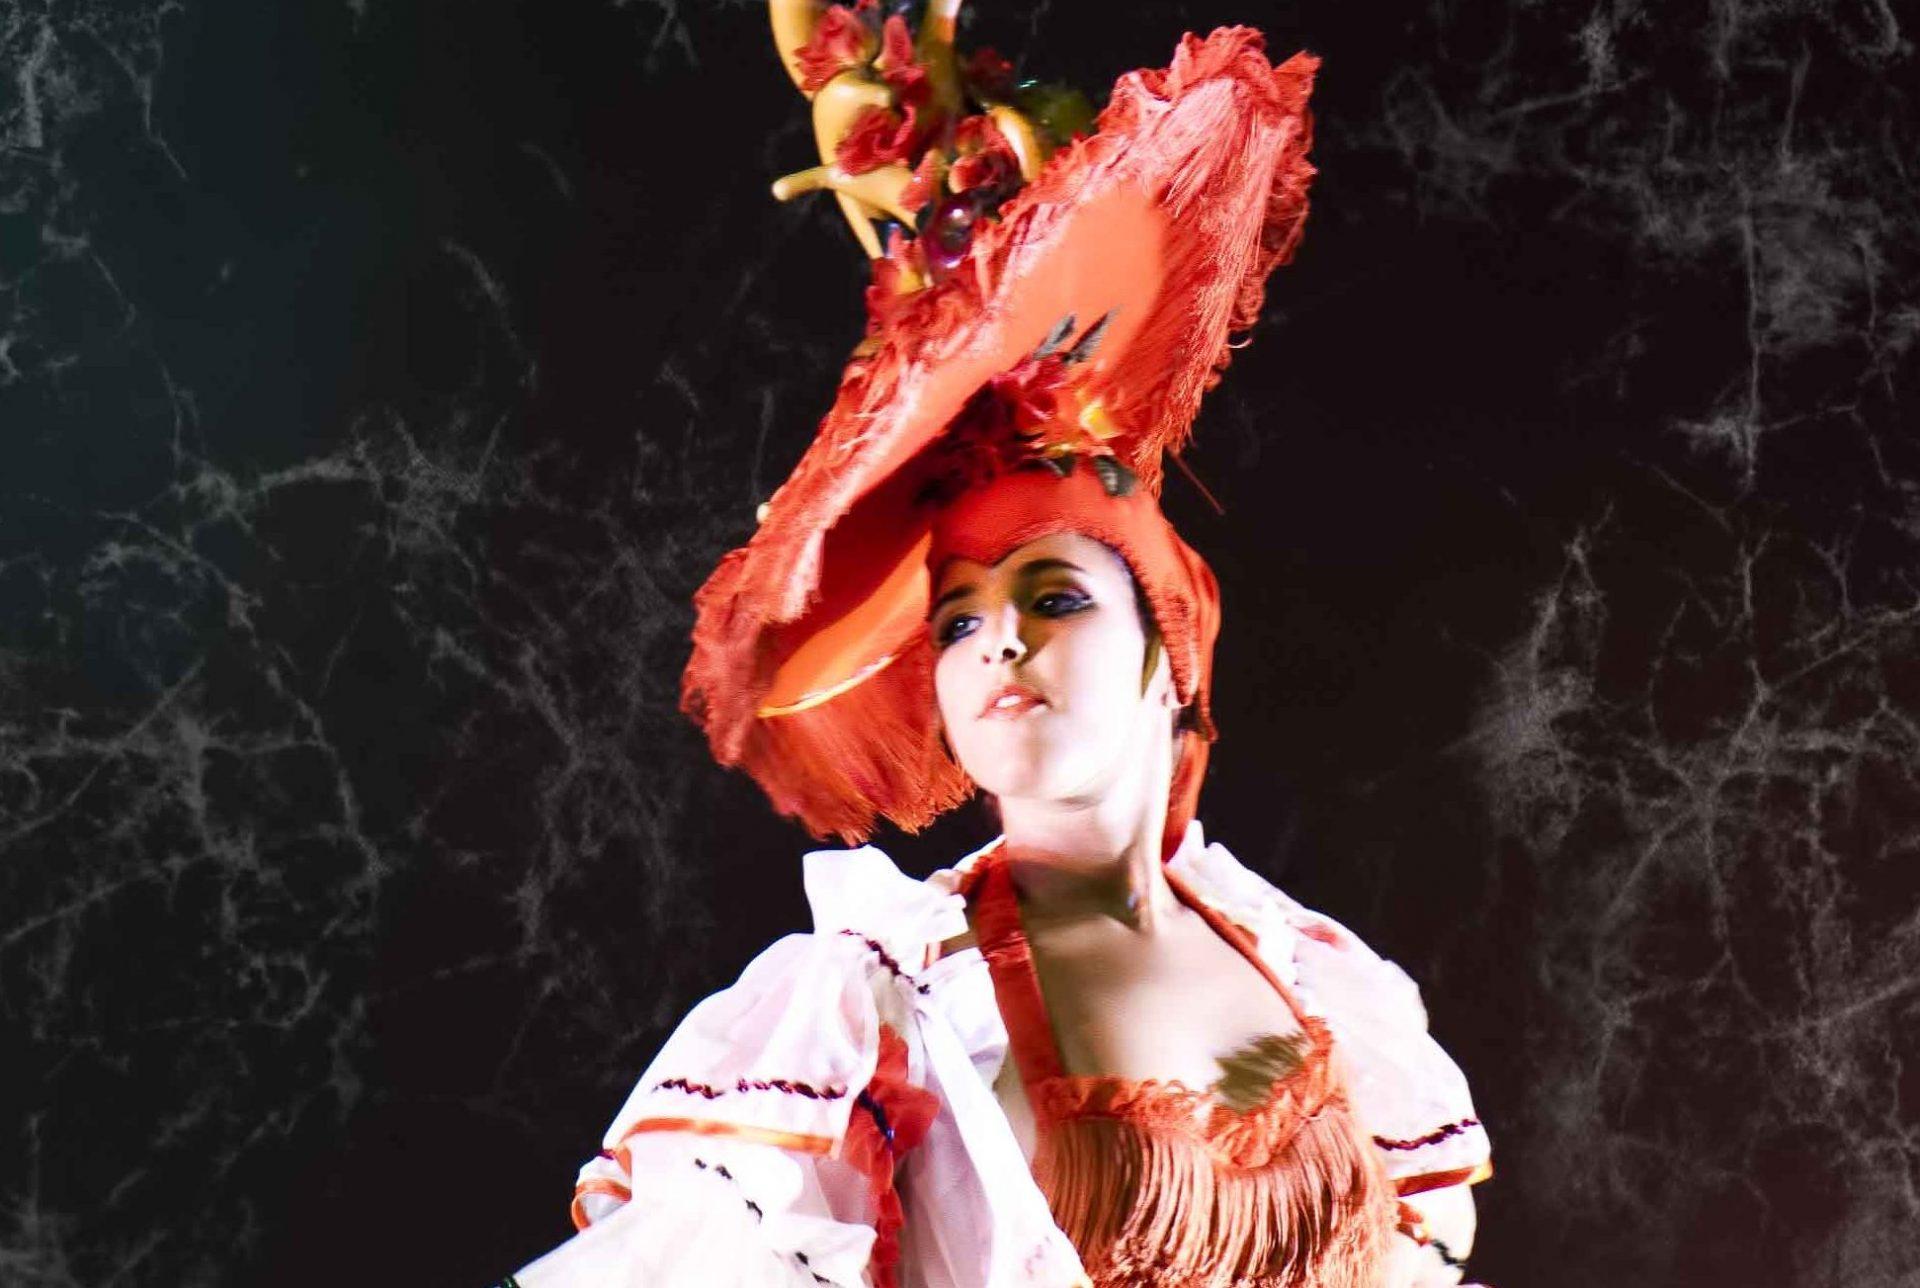 Foto de Judith Trujillo, bailarina del Centro de Danza Sandra Santa Cruz en el espectáculo del 20 Aniversario del Centro vestida de rumbera